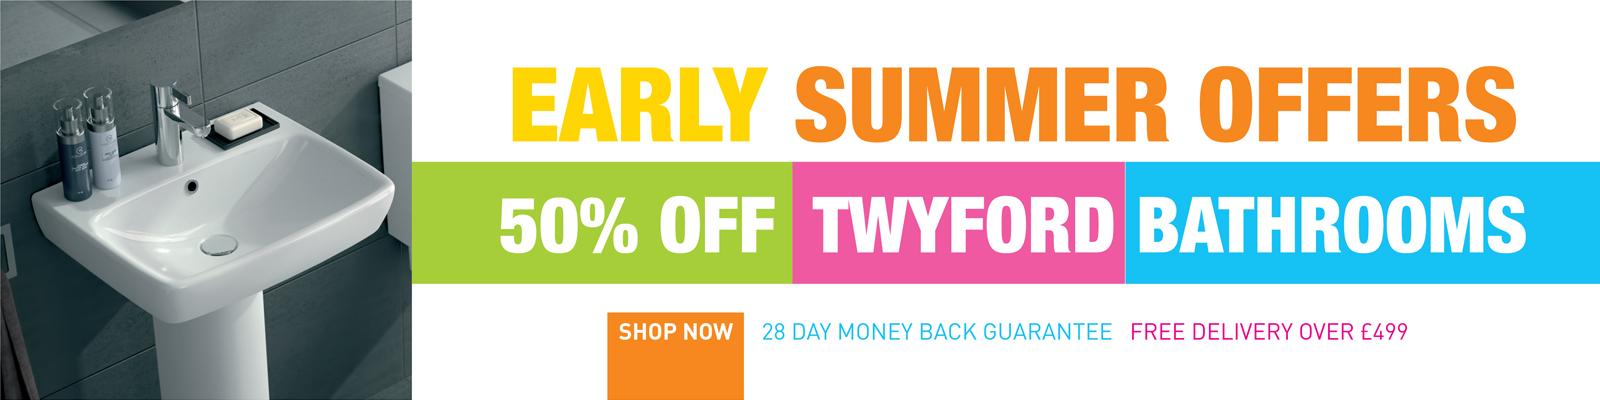 50% Off Twyford